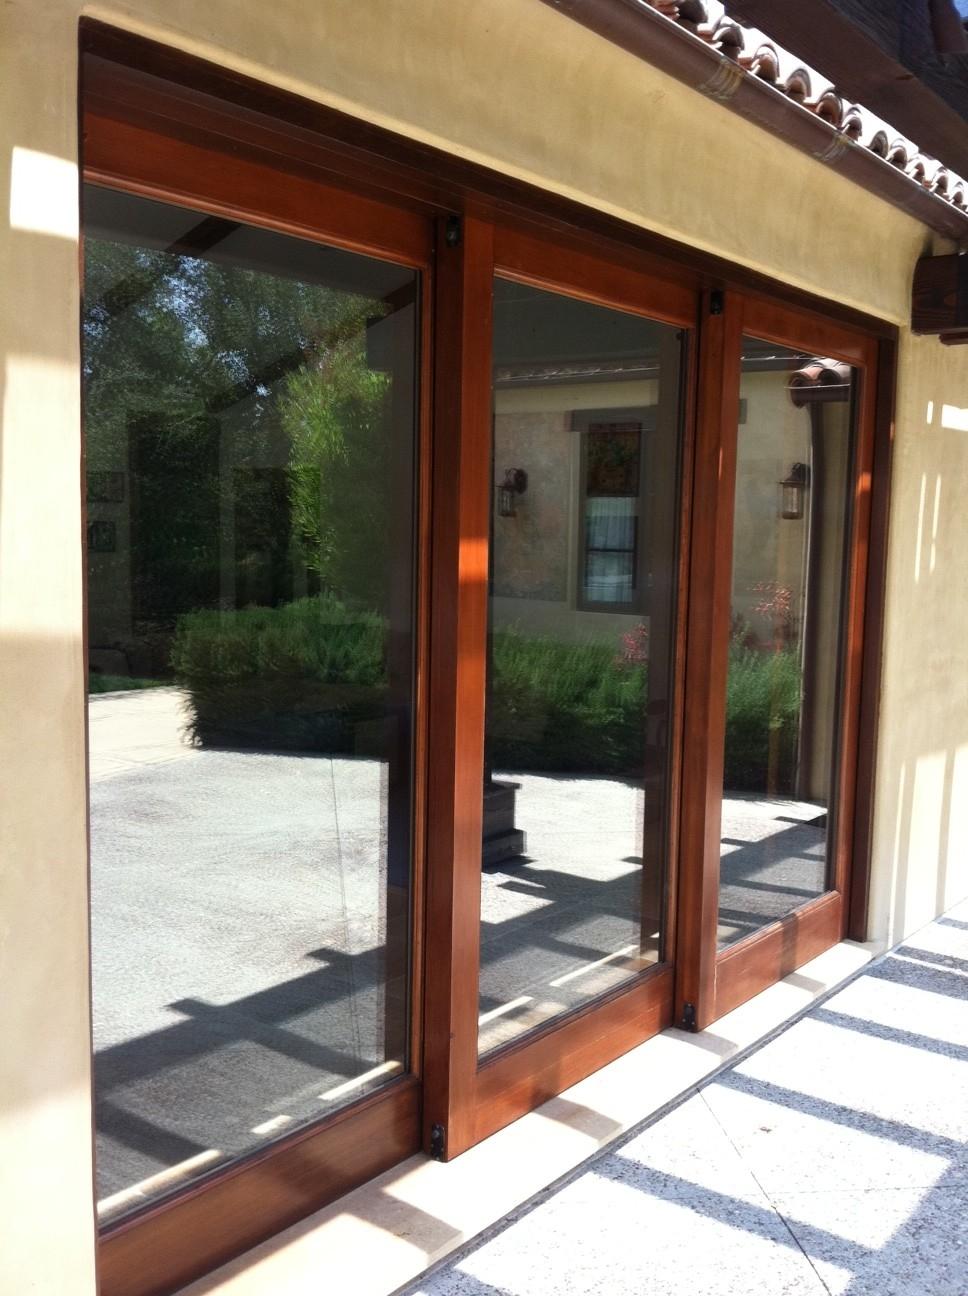 Pocket Sliding Glass Doors With ScreensPocket Sliding Glass Doors With Screens